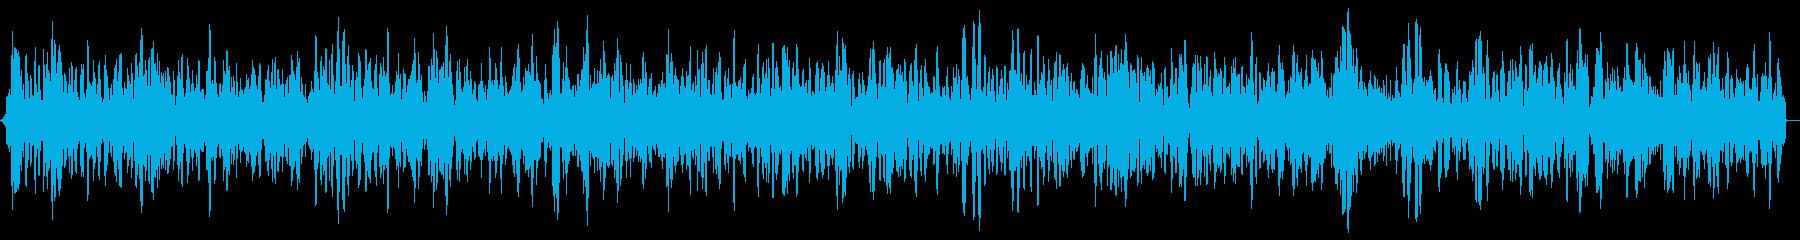 沸騰する音、気泡風呂の音の再生済みの波形